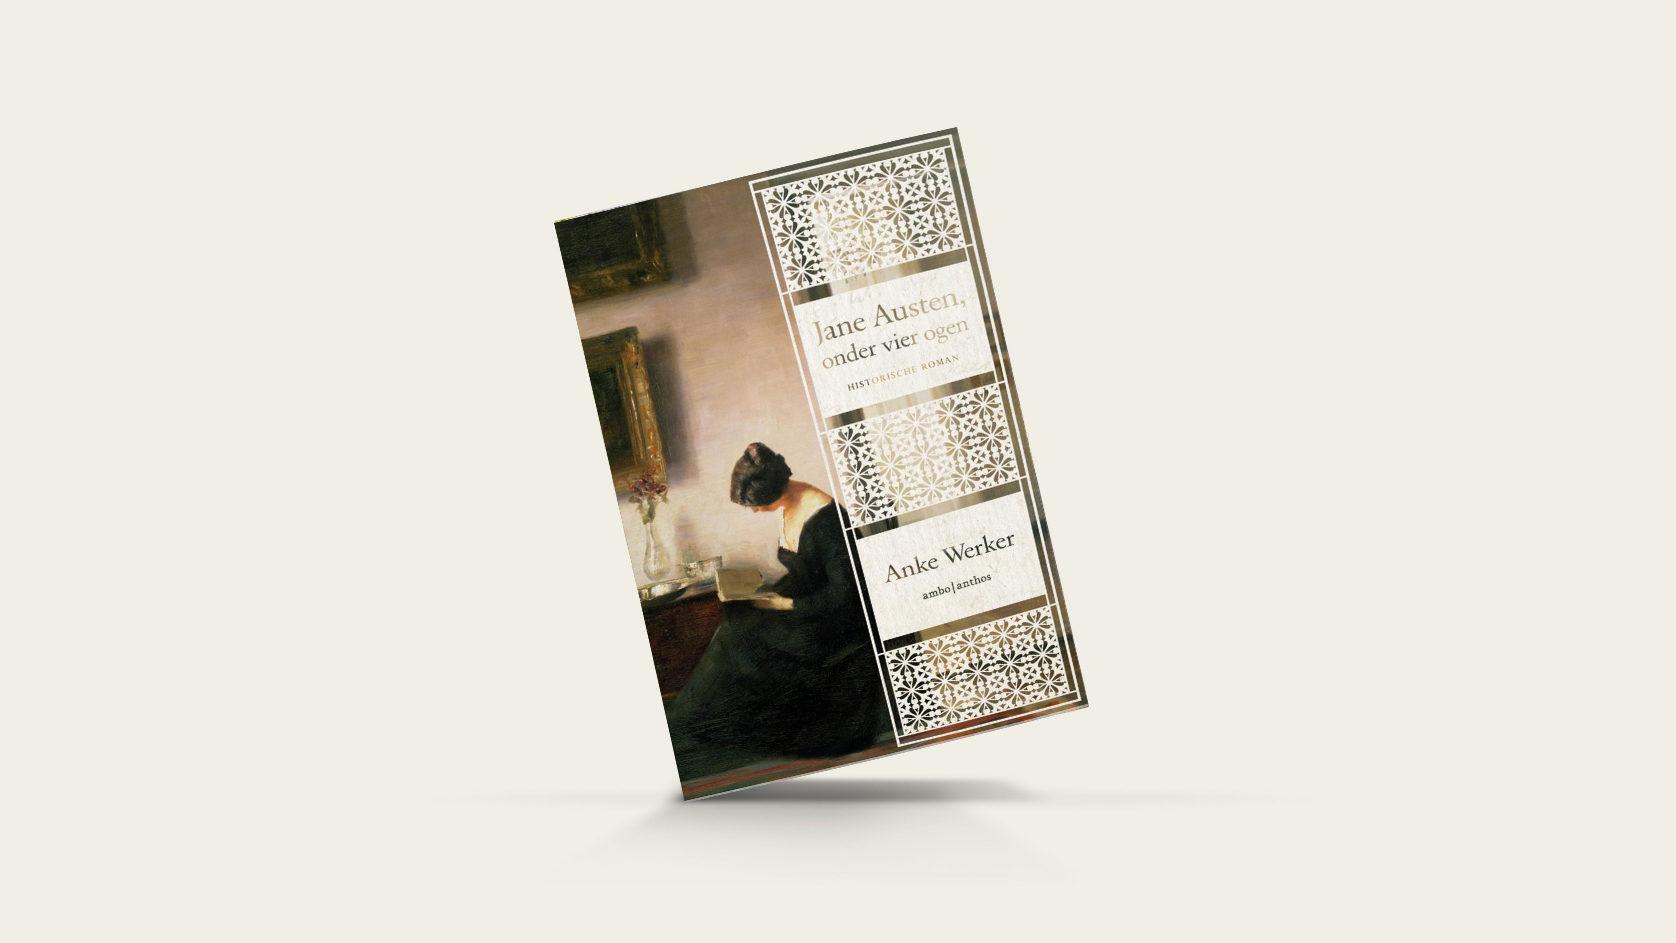 Anke Werker geeft lezing over Jane Austen in Helmond